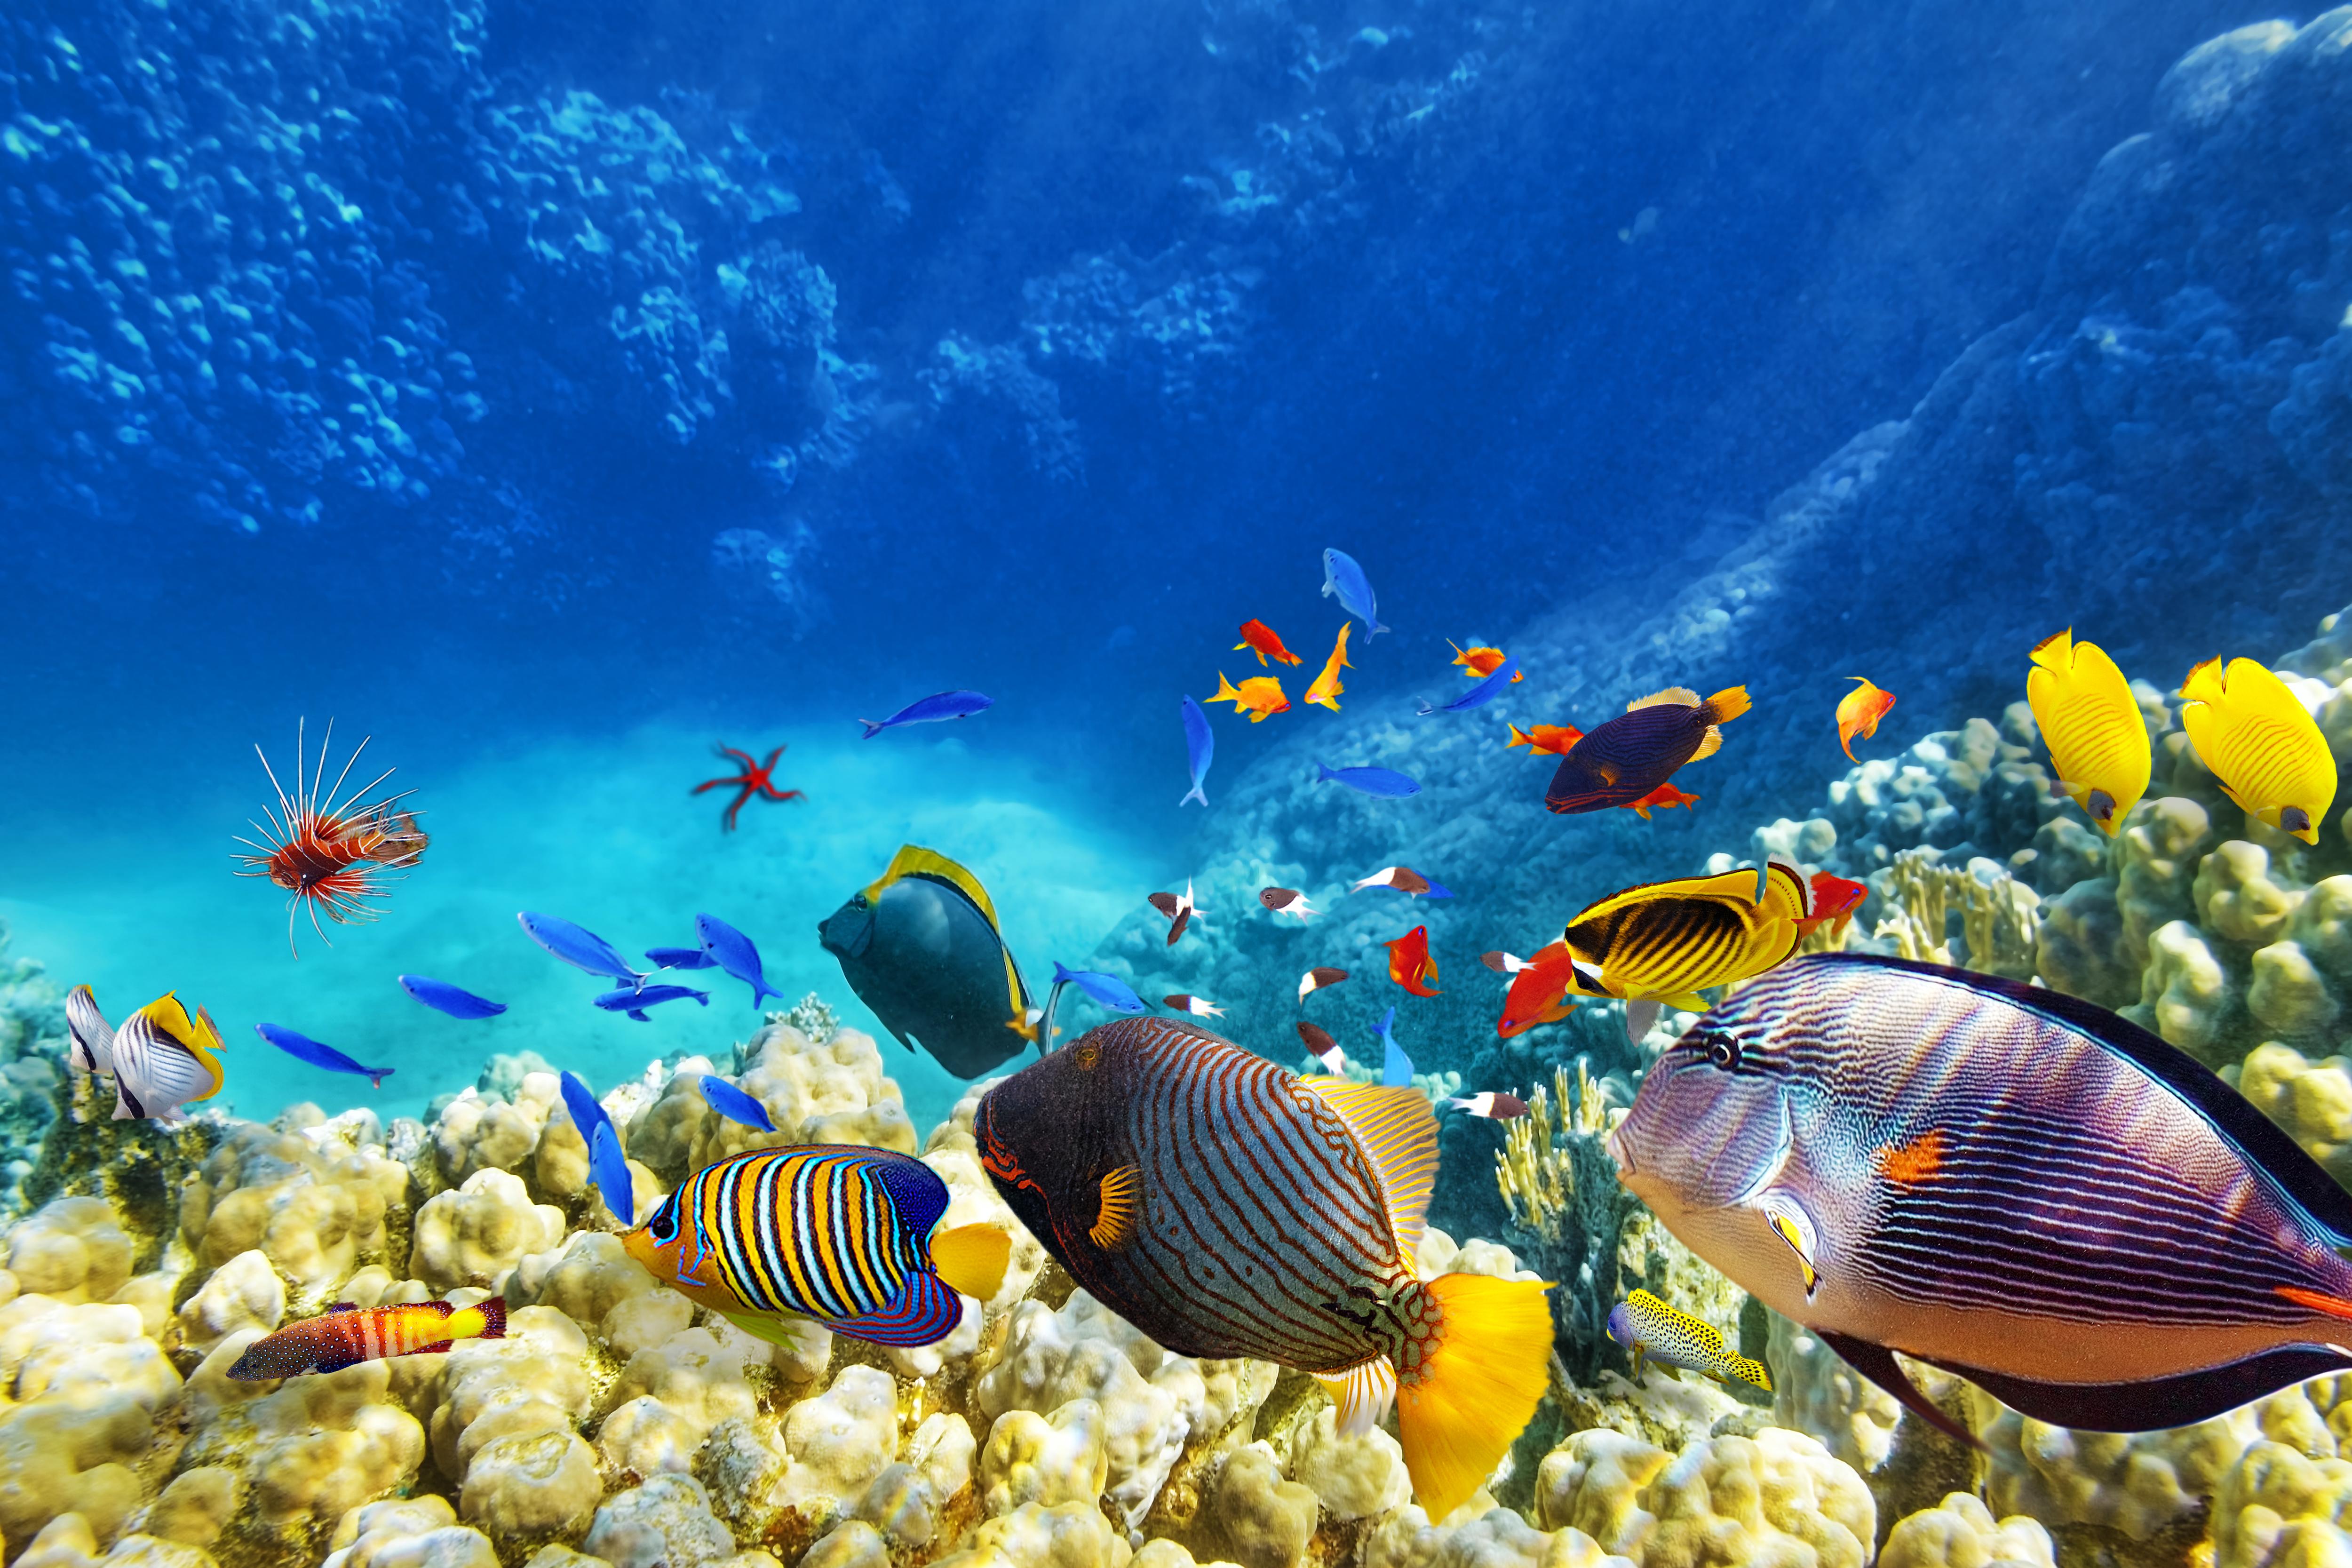 микроскоп фото море и рыбы в высоком разрешении домов под ключ